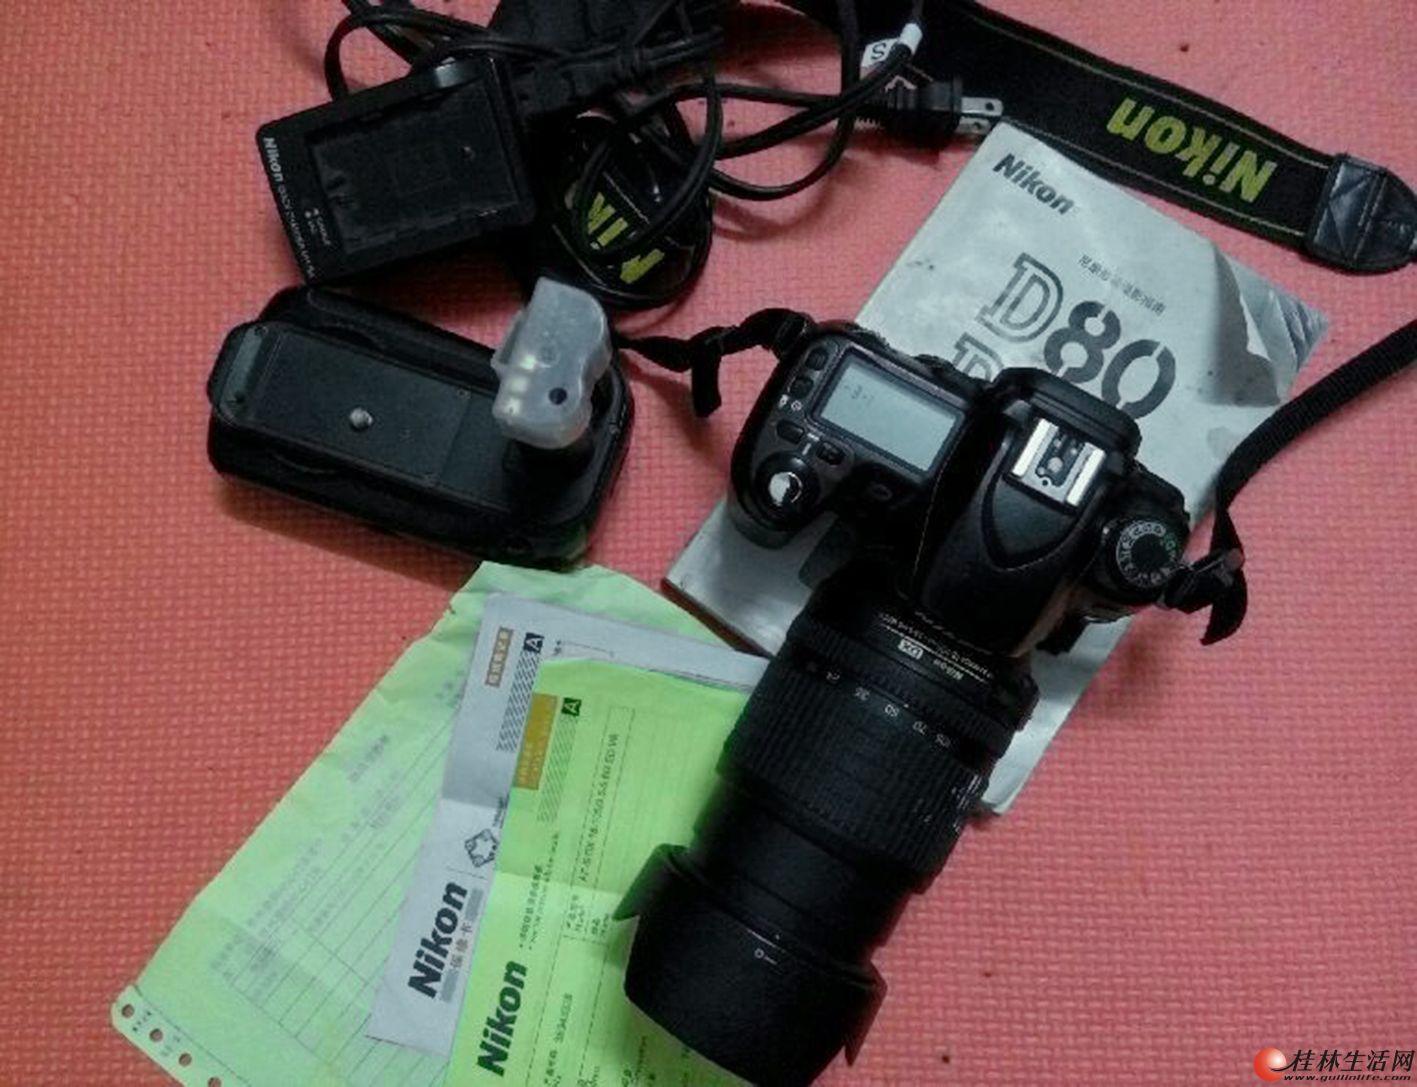 急出尼康D80数码单反相机,配有18~105防抖镜头